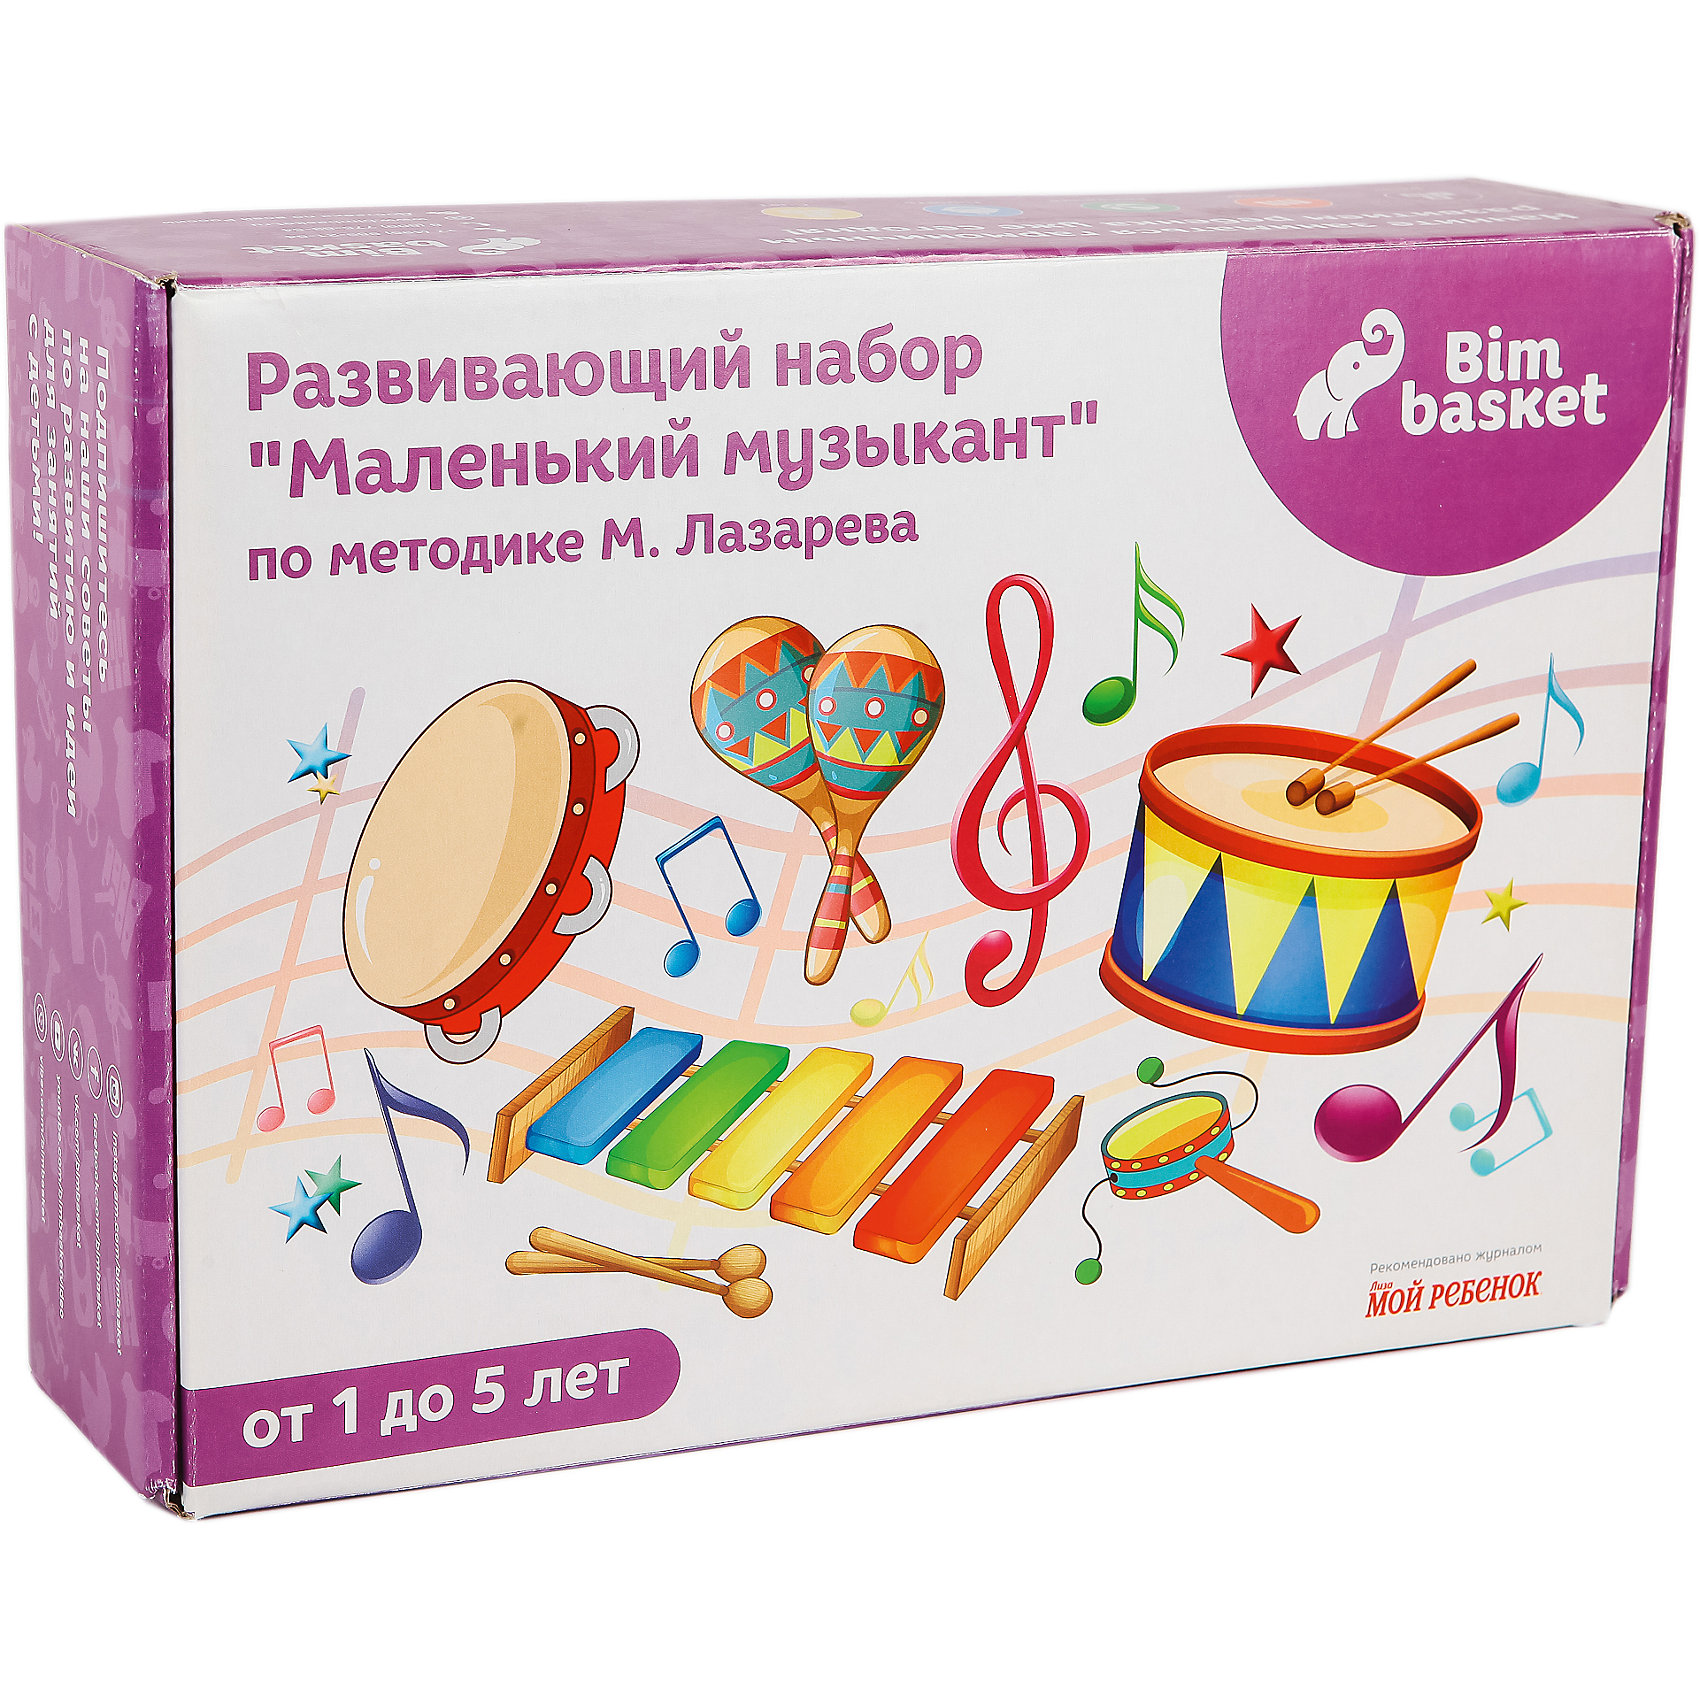 Развивающий набор Маленький музыкантУмница<br>Характеристики:<br><br>• Вид игр: обучающие, развивающие<br>• Серия: Музыкальные занятия<br>• Материал: картон, пластик<br>• Комплектация: 15 карточек с тексами песен для мамы, 15 карточек с песнями для ребенка, 4 песенника с текстами всех песен, карточки с авторскими песенками, металлофон с наклейками, сенсорный тренажер, рекомендации родителям.<br>• Тип упаковки: картонная коробка<br>• Размеры упаковки (Д*Ш*В): 23*8,5*33 см<br>• Вес в упаковке: 1 кг 438 г<br><br>Суть методики заключается в использовании специально написанной музыки для развития музыкального слуха и творческих способностей ребенка. Игры и занятия составлены таким образом, что с ними справится любая мама, даже не имея музыкального образования. <br><br>Развивающий набор Маленький музыкант состоит из коллекции песенок, металлофона с наклейками и сенсорного тренажера. В комплекте предусмотрены методические рекомендации для родителей. Развивающий набор Маленький музыкант позволит с помощью музыки не только научиться играть простейшие мелодии, но и освоит в легкой игровой форме устный счет, изучит цвета радуги и познакомится со многими явлениями окружающего мира.<br><br>Развивающий набор Маленький музыкант можно купить в нашем интернет-магазине.<br><br>Ширина мм: 230<br>Глубина мм: 85<br>Высота мм: 330<br>Вес г: 1438<br>Возраст от месяцев: 36<br>Возраст до месяцев: 2147483647<br>Пол: Унисекс<br>Возраст: Детский<br>SKU: 5523169